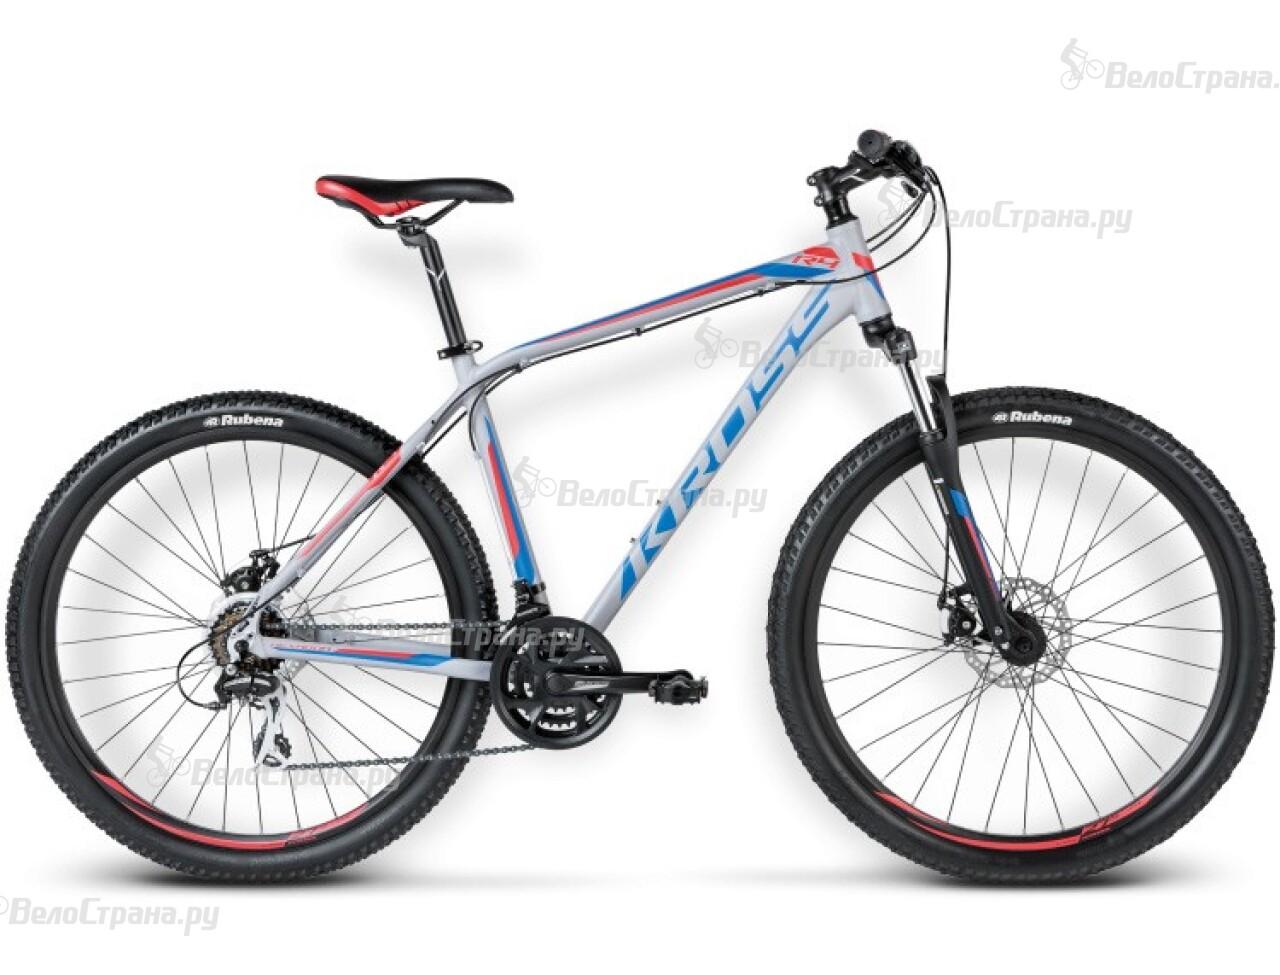 Велосипед Kross Hexagon R4 (2016)  r4 5a